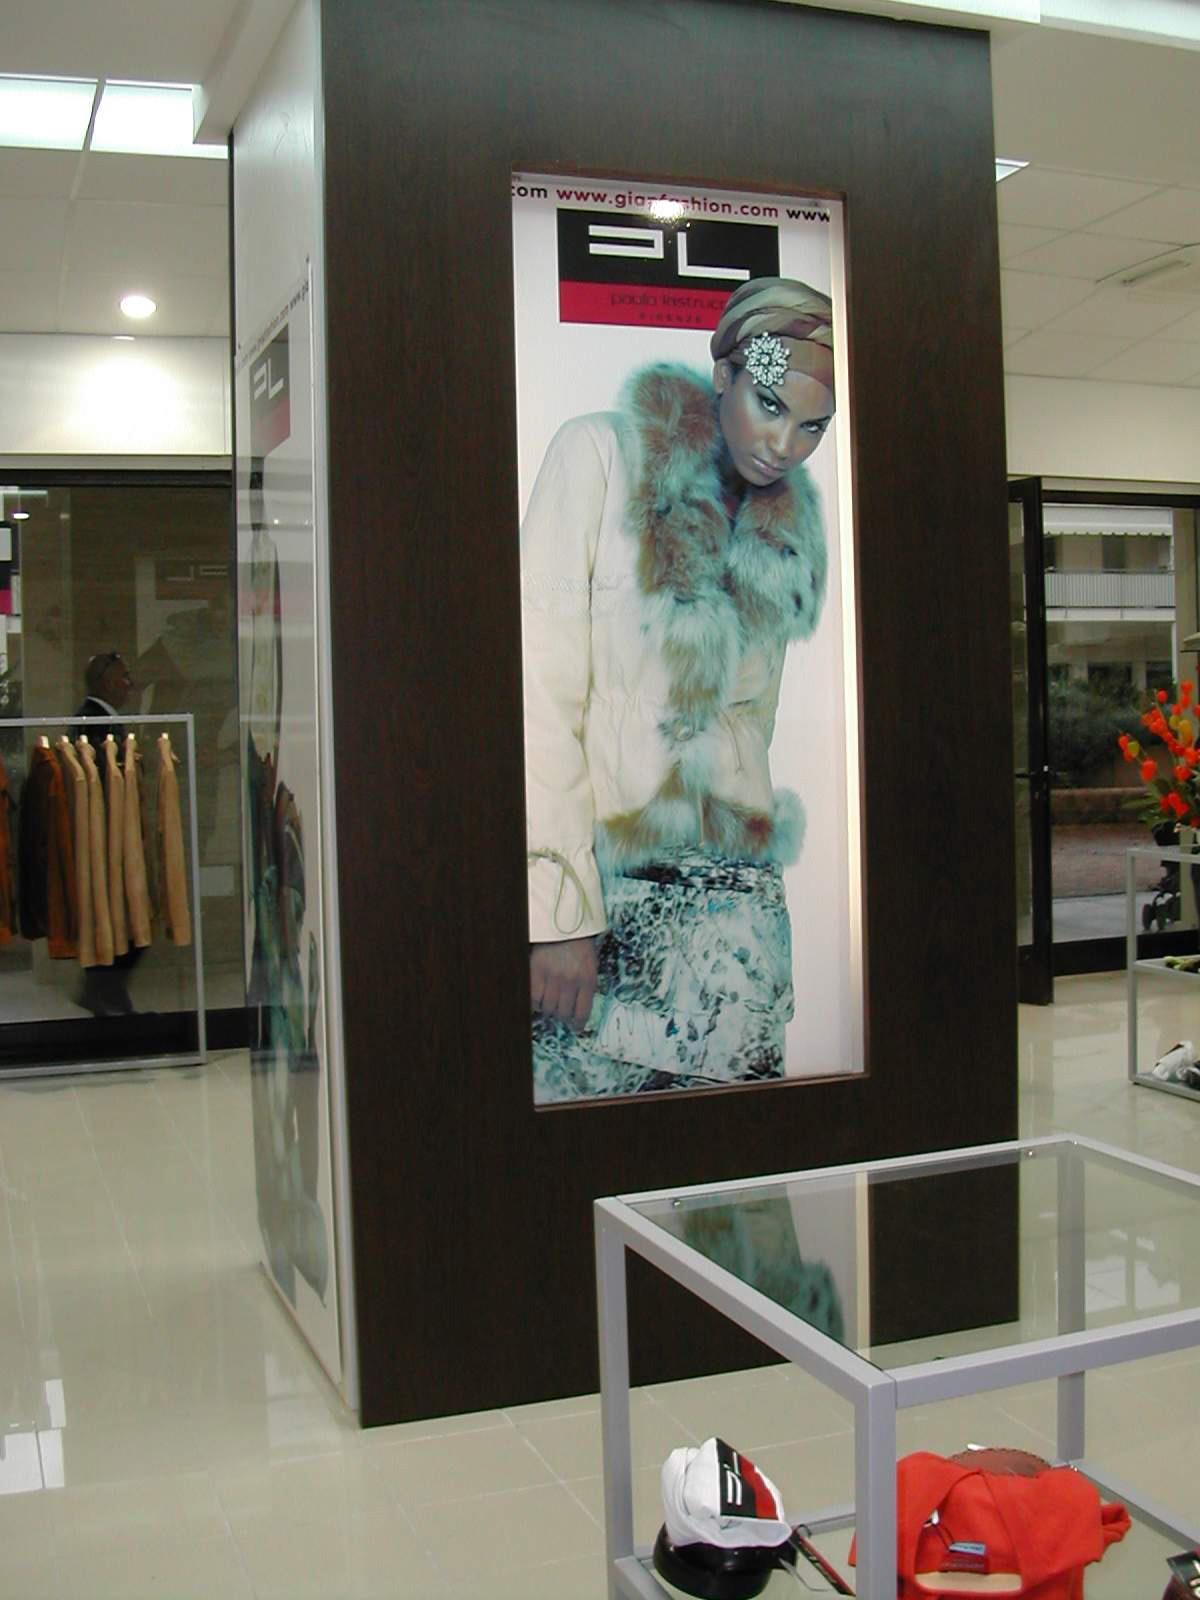 Arredamento per negozi di abbigliamento arredamento per for Arredamento per negozi abbigliamento